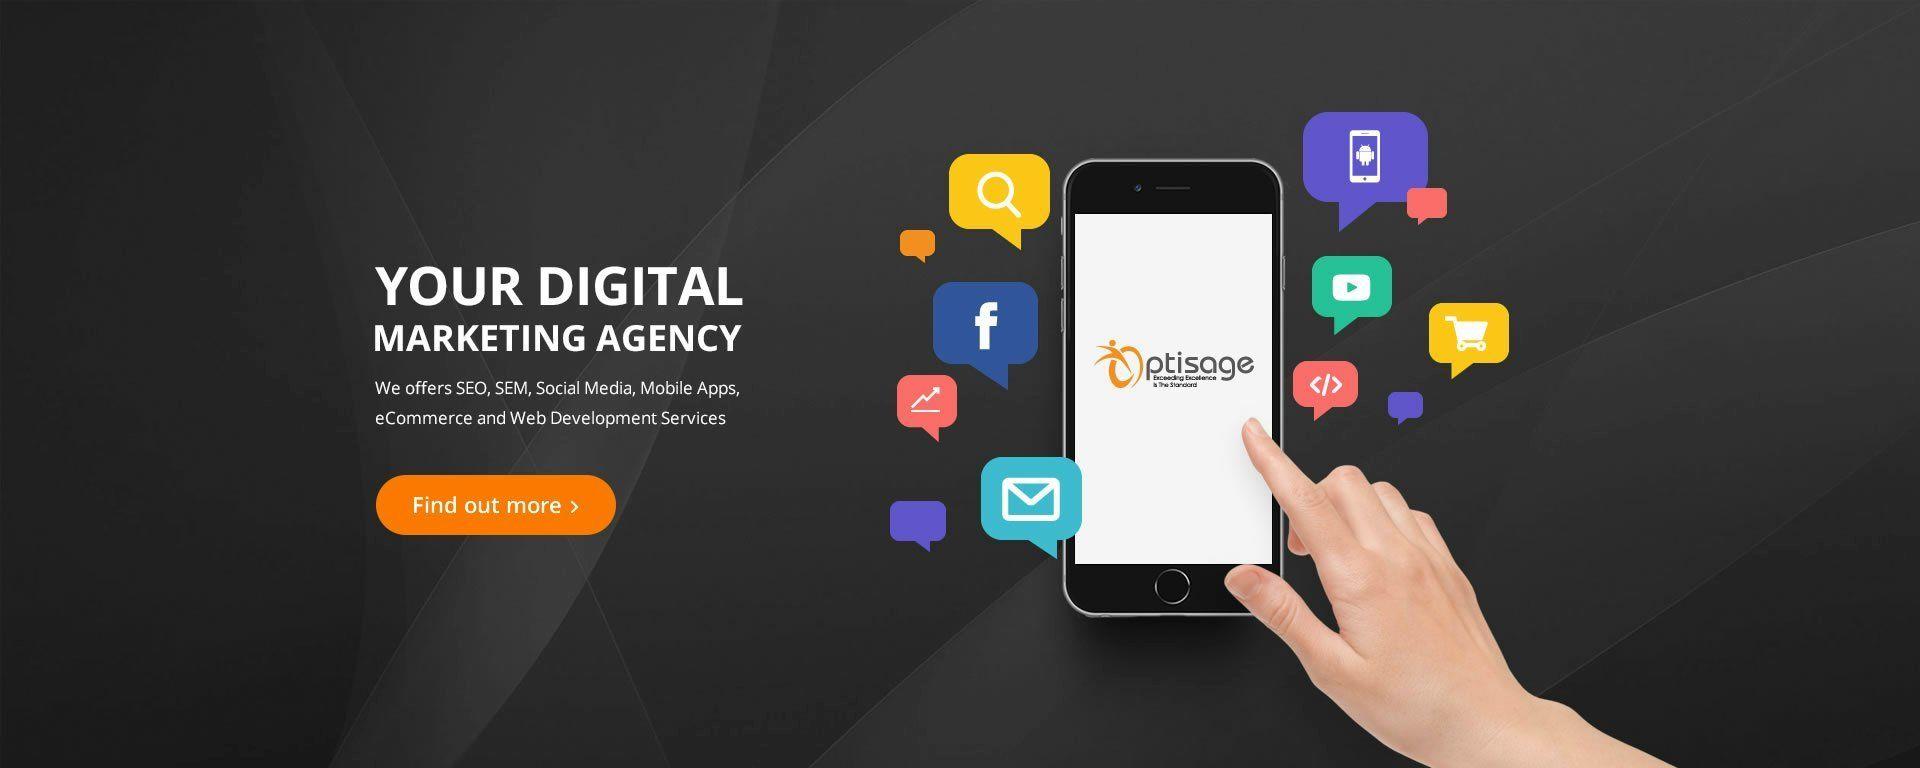 hm-banner-digital-marketing-agency-digital-marketing